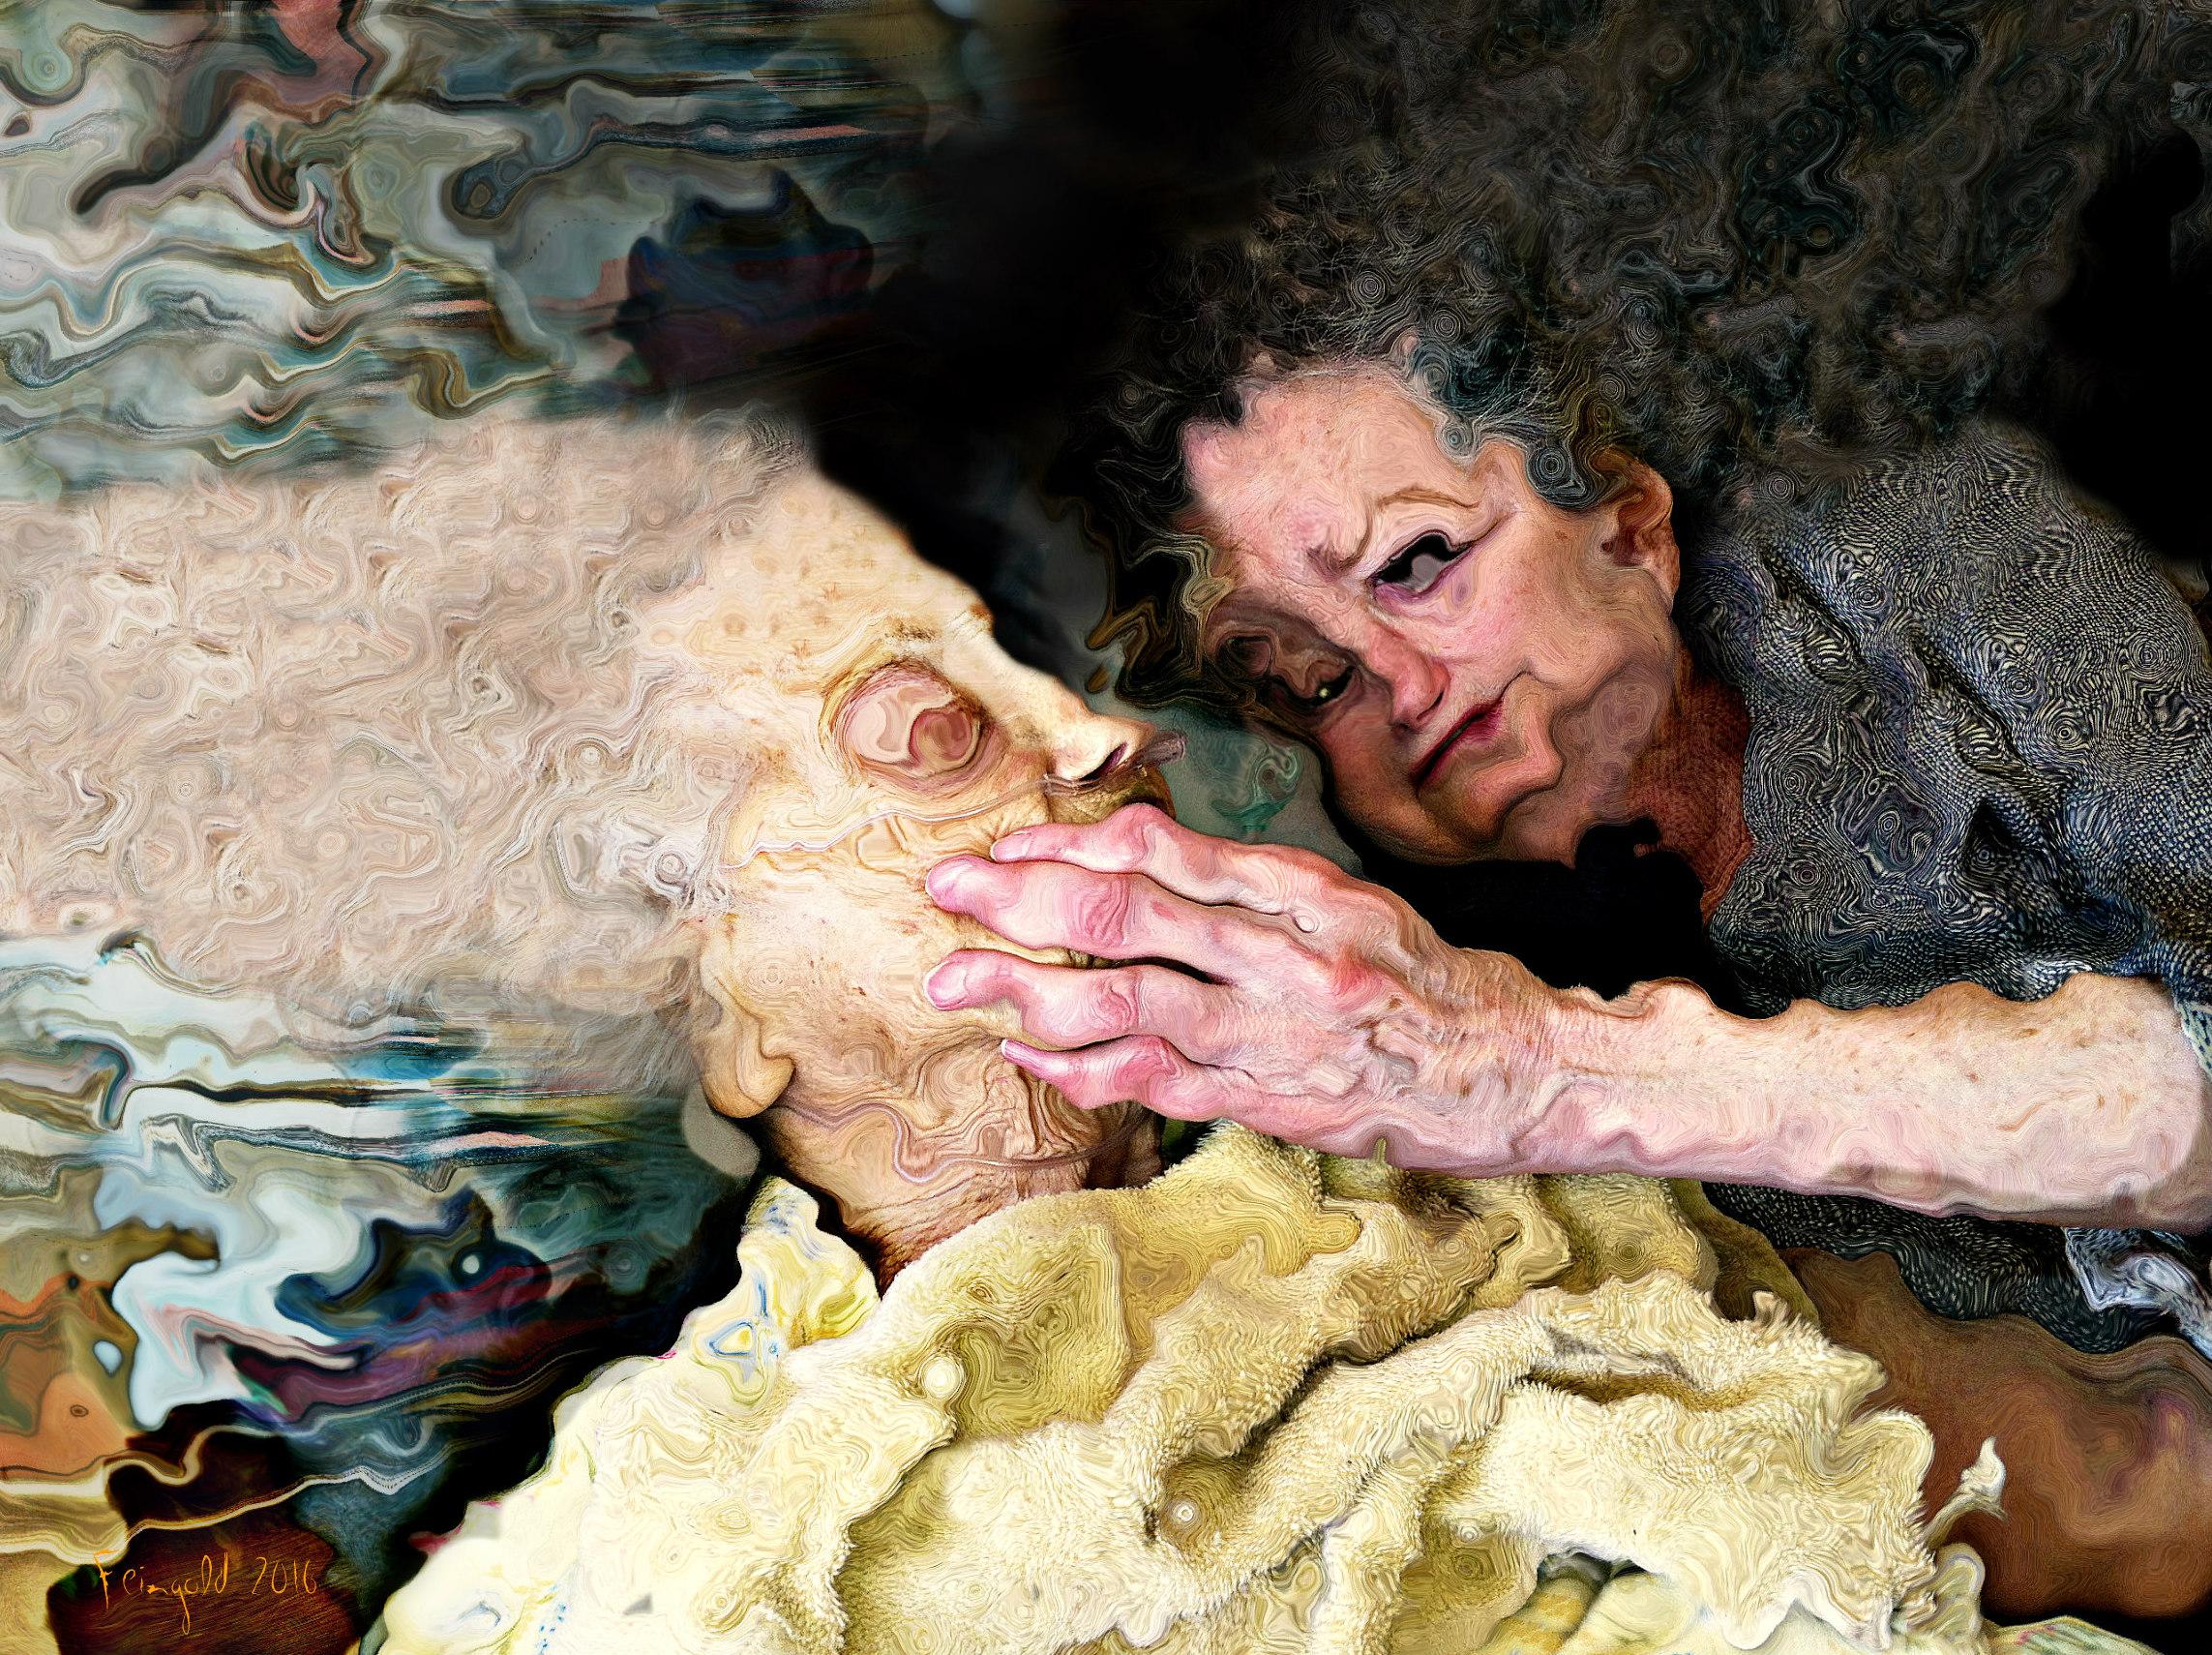 David_Feingold-Feingold_Mother_and_Sister_Digital_Art.jpg